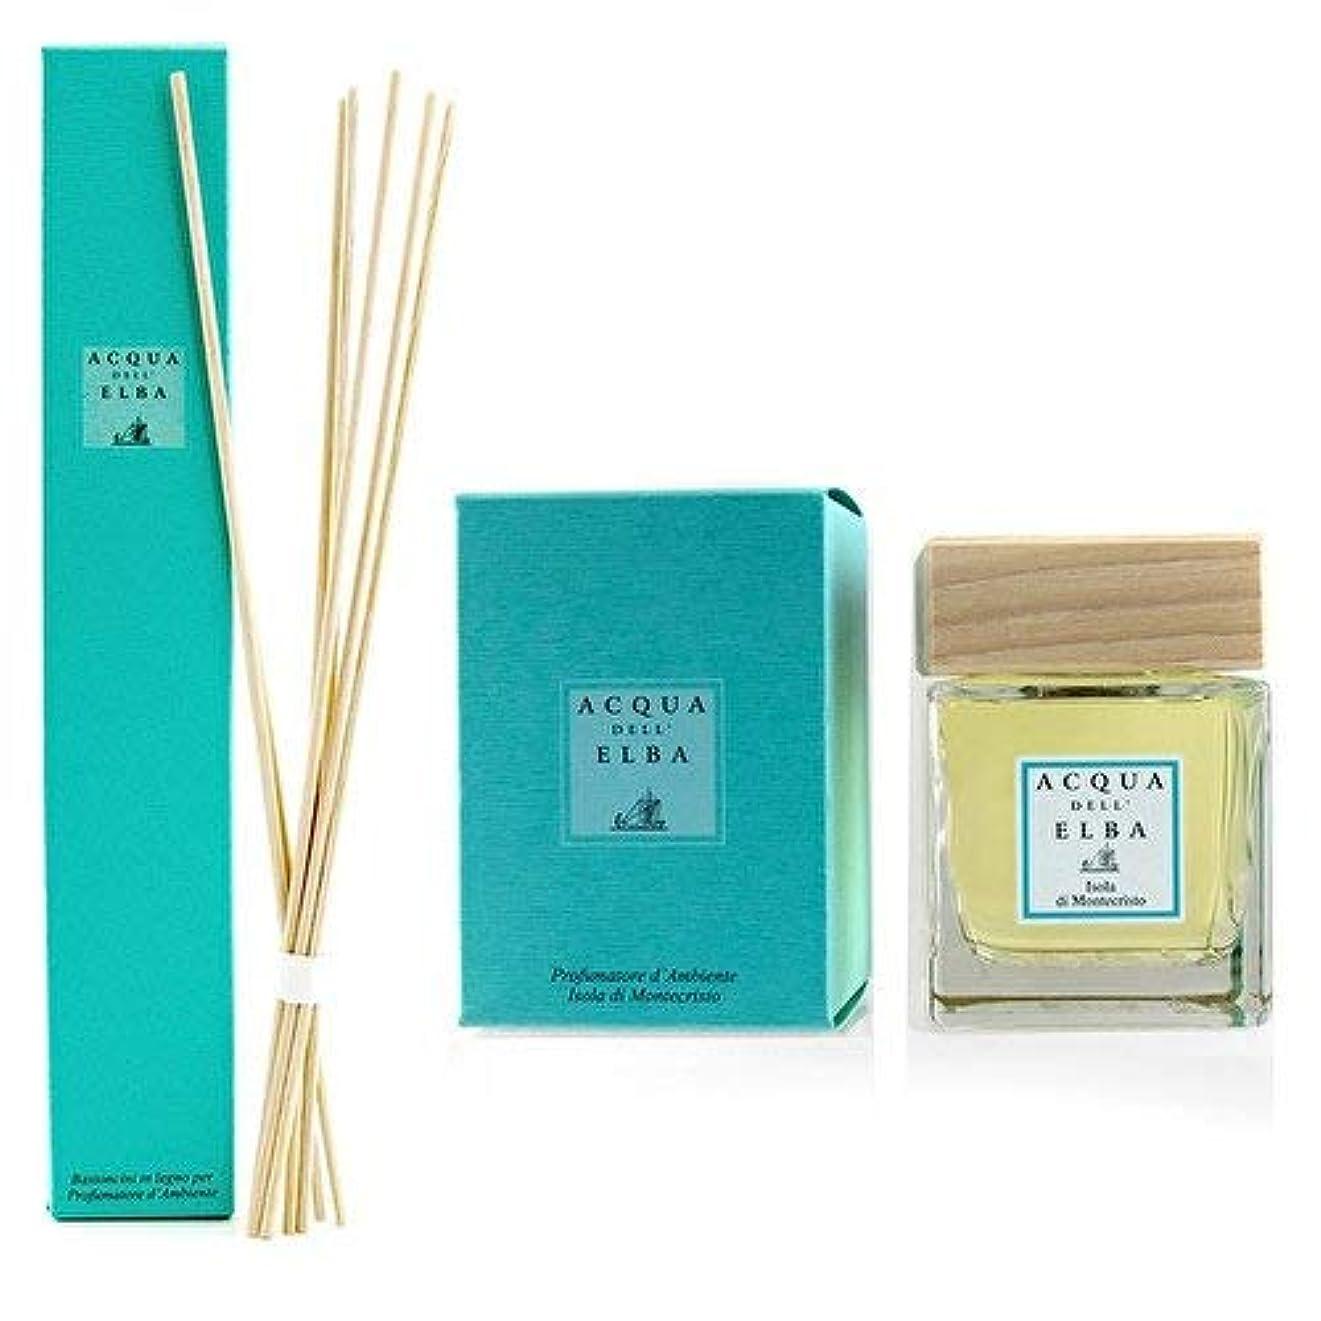 味所持驚かすアクア?デッレ?エルバ Home Fragrance Diffuser - Isola Di Montecristo 200ml/6.8oz並行輸入品